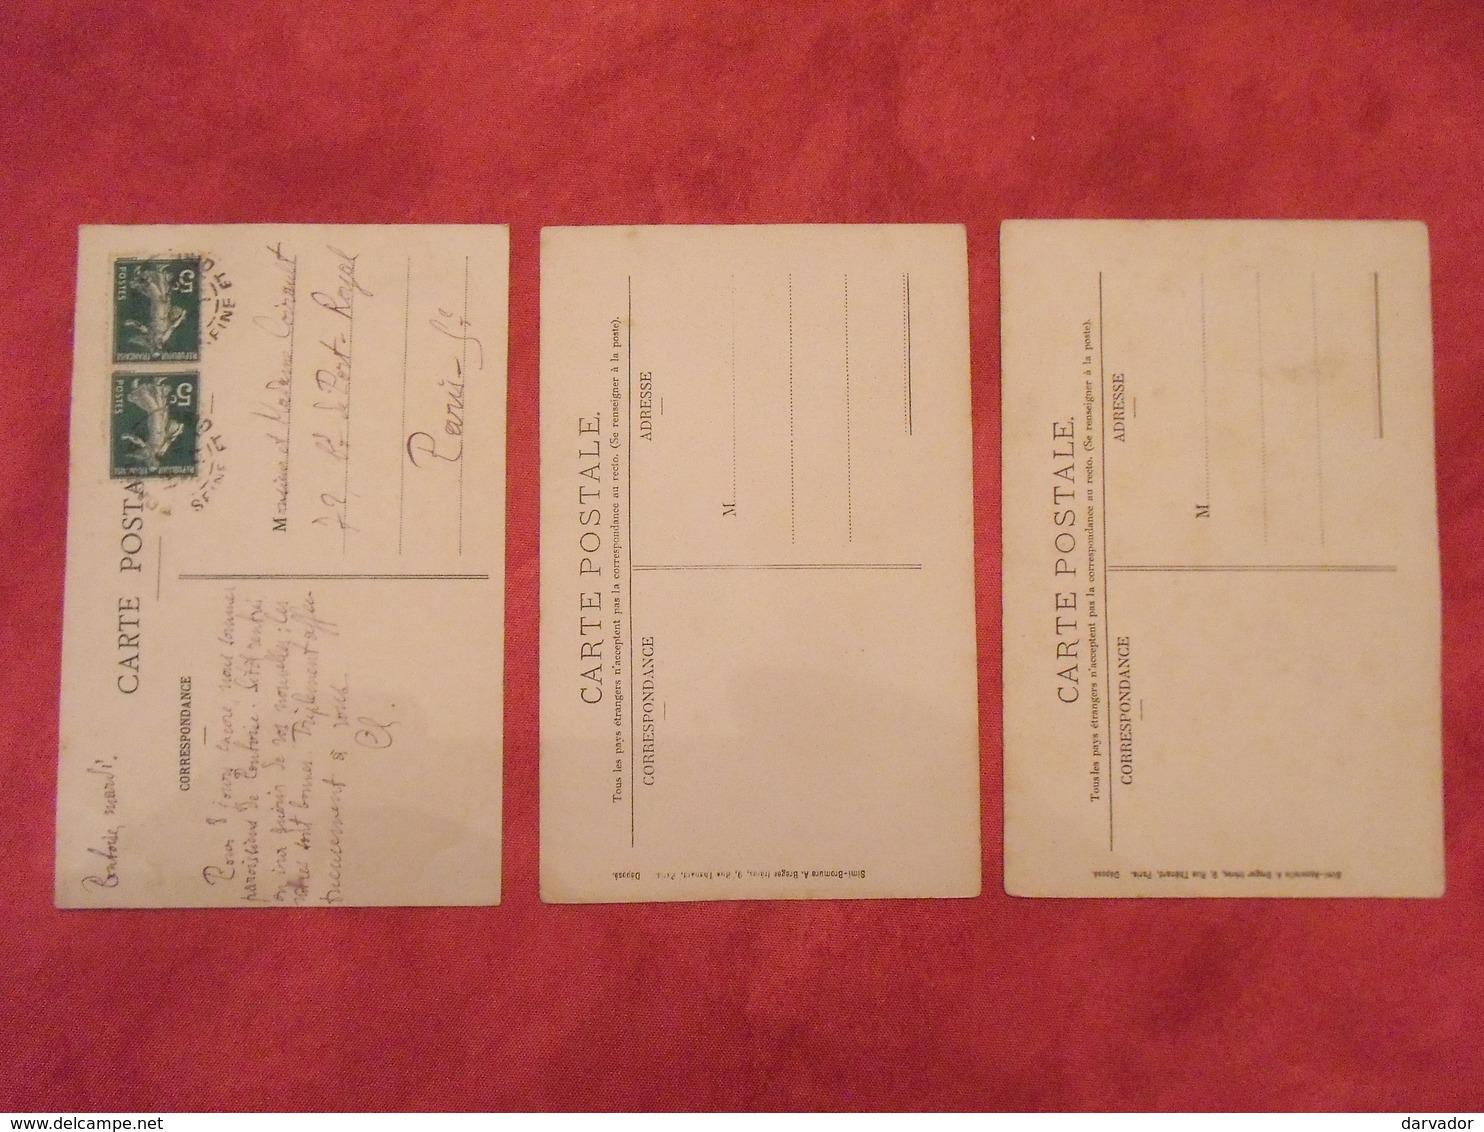 Carte Postale / Val D'oise / Département 95 / Lot De 3 Cartes - France